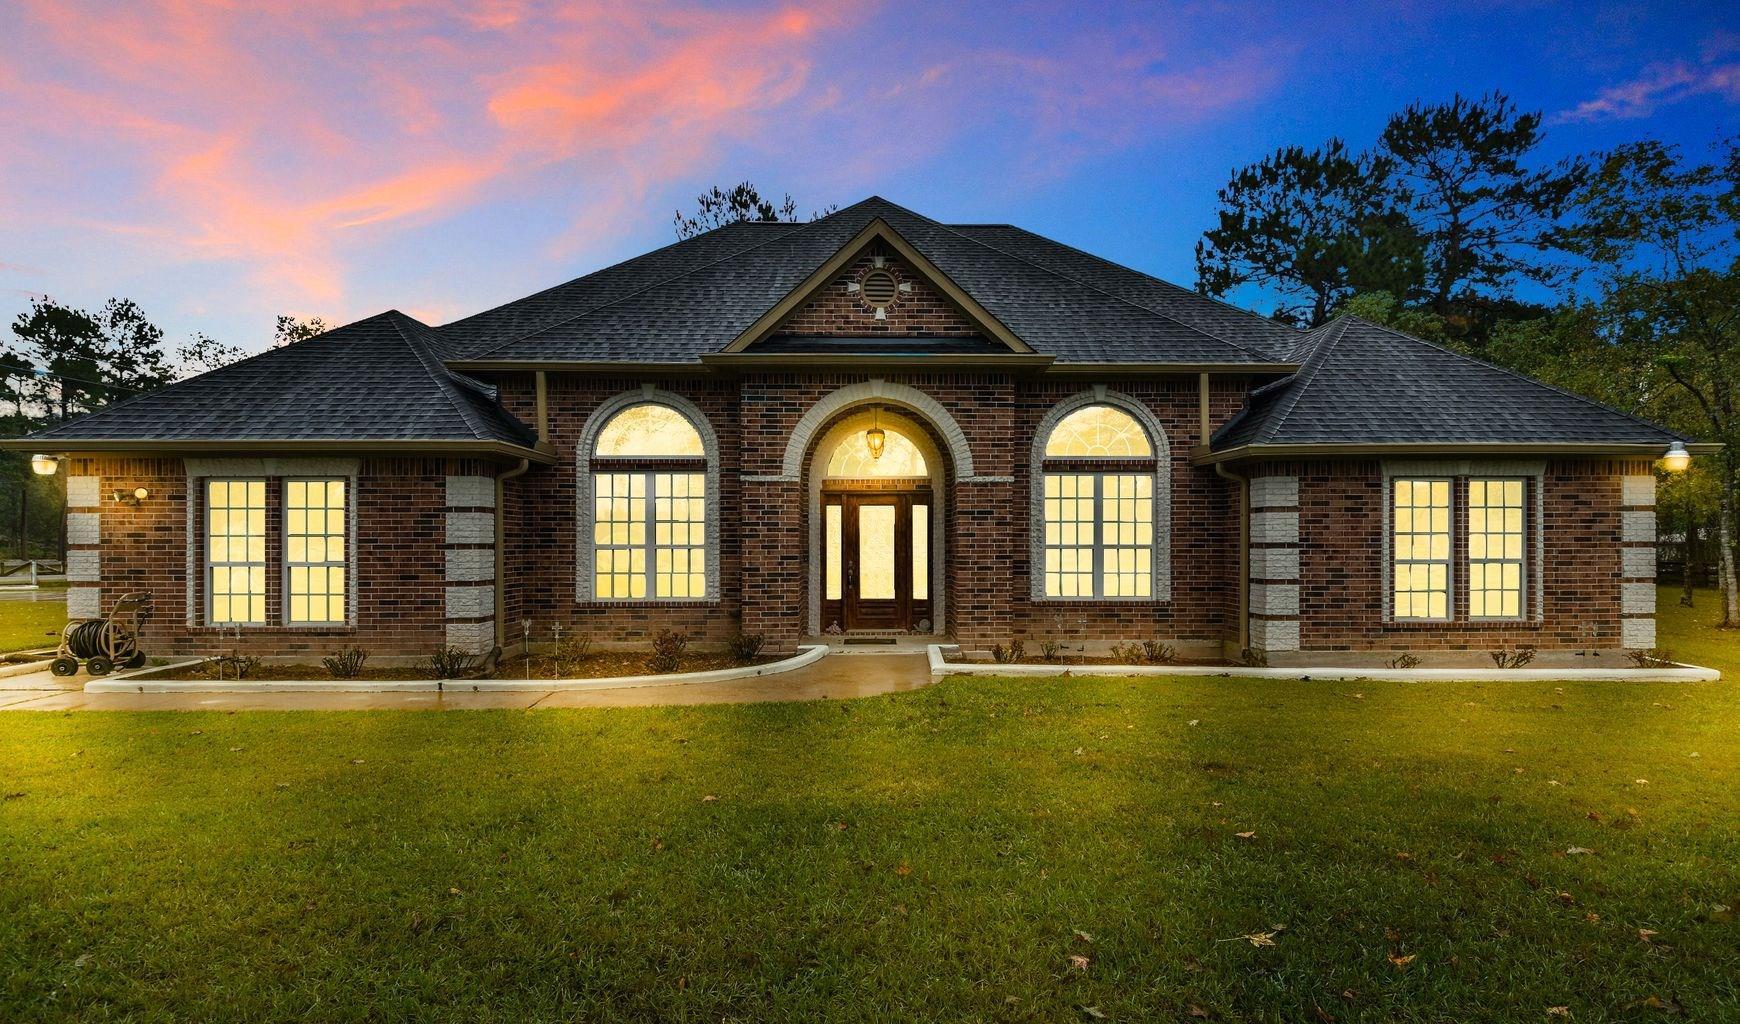 15901 Mcnorton Property Photo - Splendora, TX real estate listing